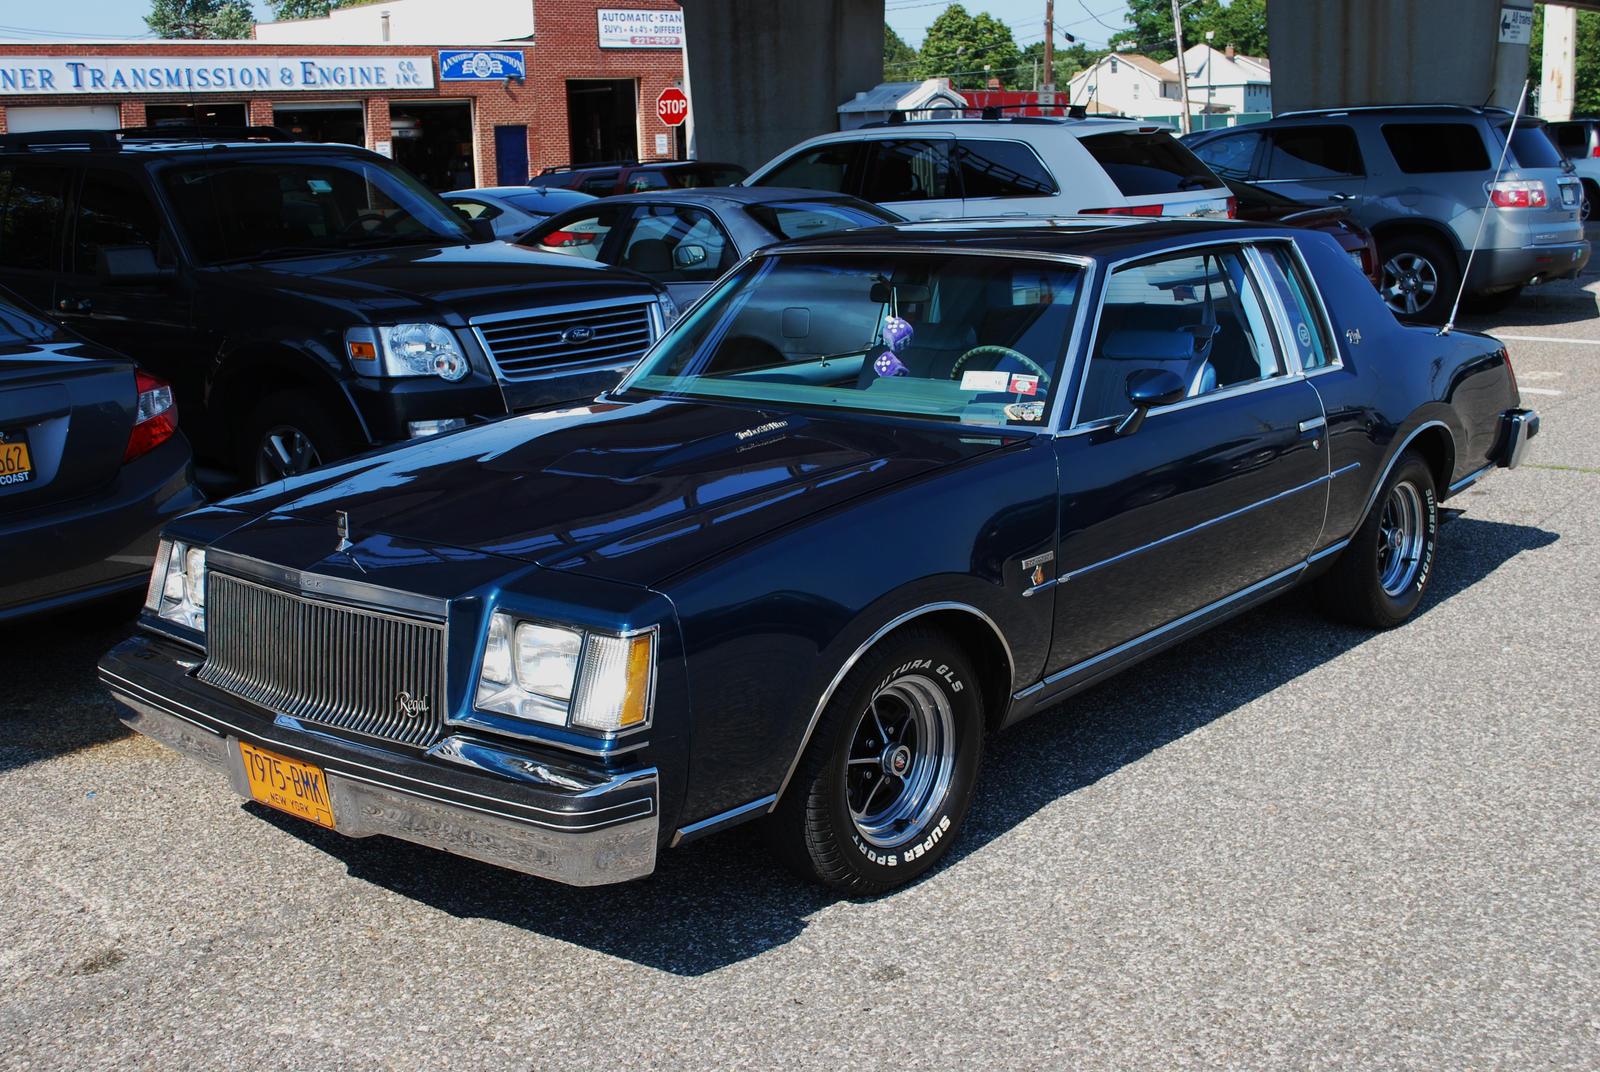 1978 buick regal sport coupe ii by hardrocker78 on deviantart 1978 buick regal sport coupe ii by